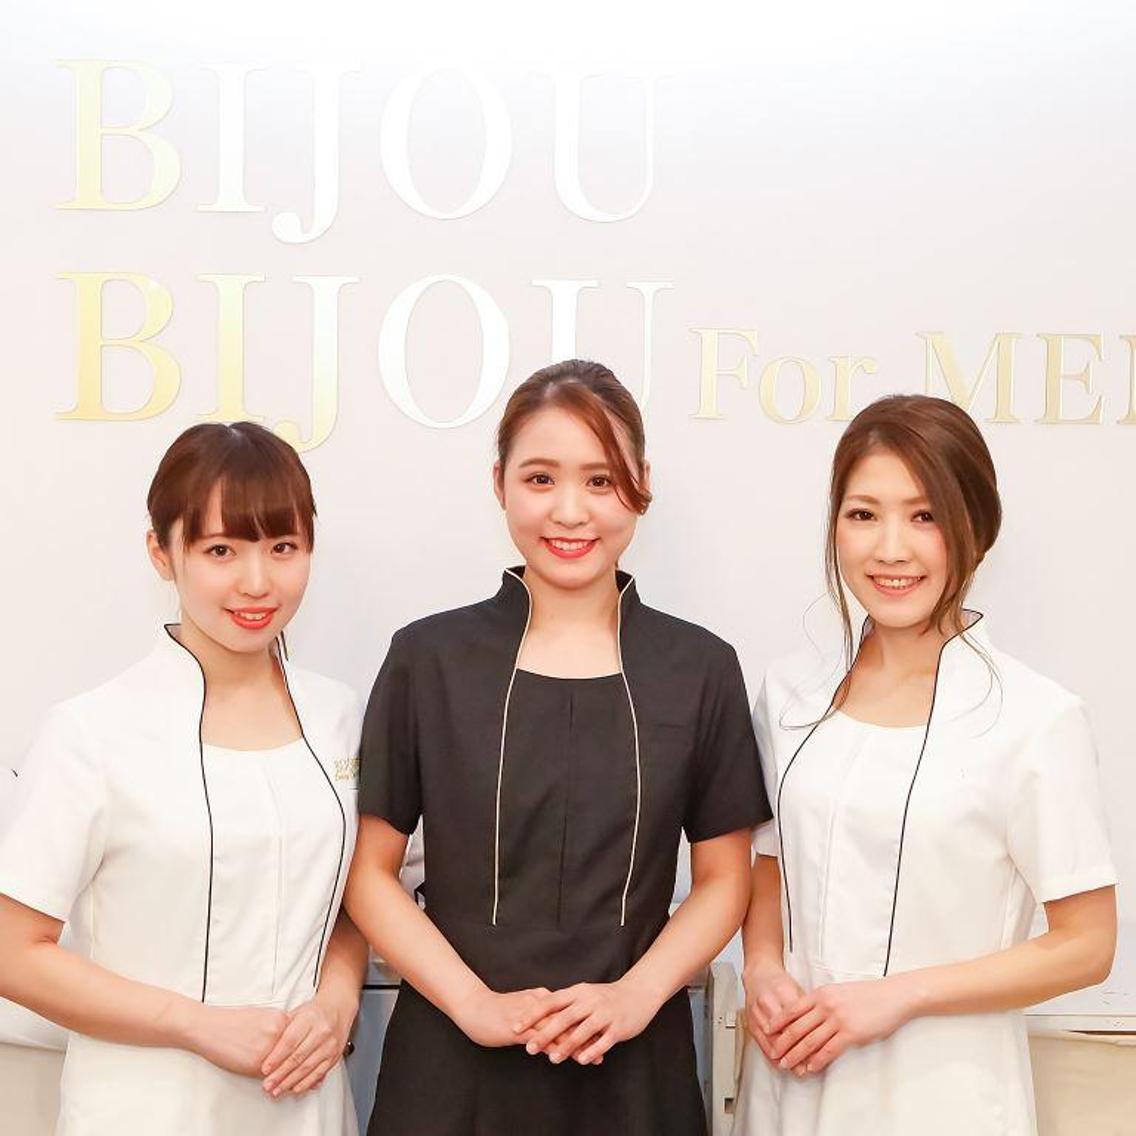 脱毛サロンBIJOU 銀座店所属・美肌サロンBIJOU 銀座店の掲載